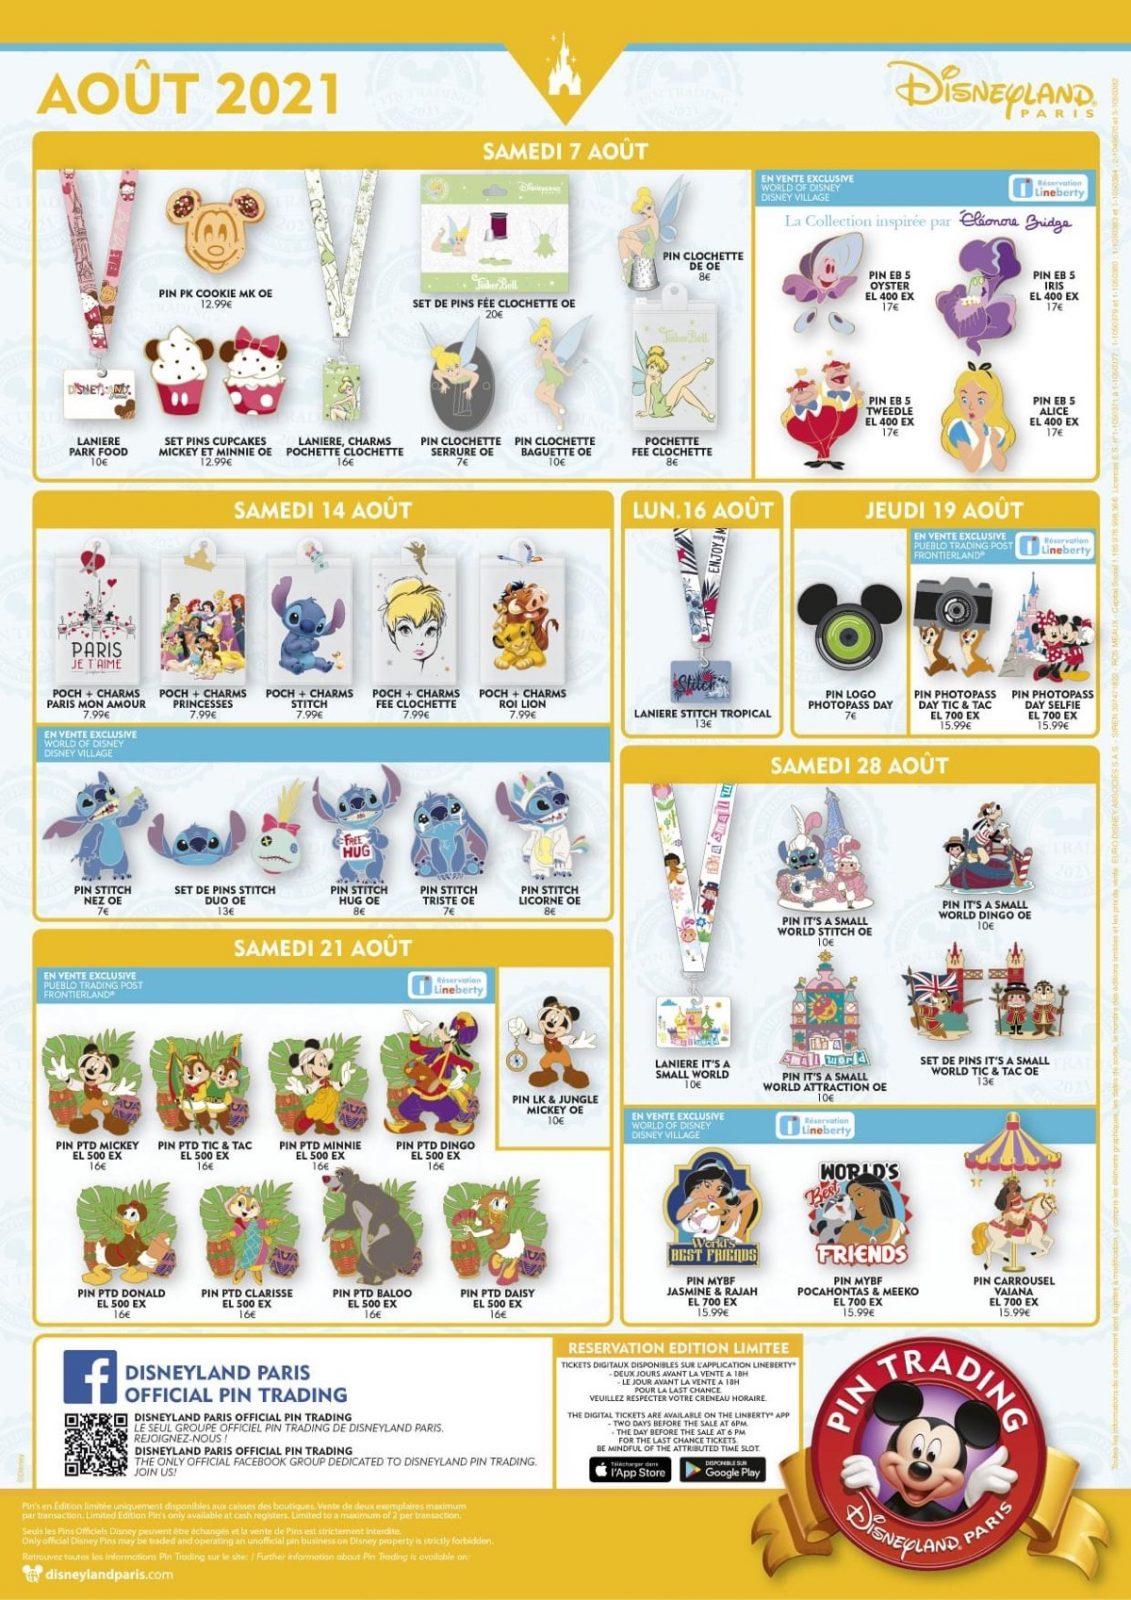 Disneyland Paris August 2021 Pins